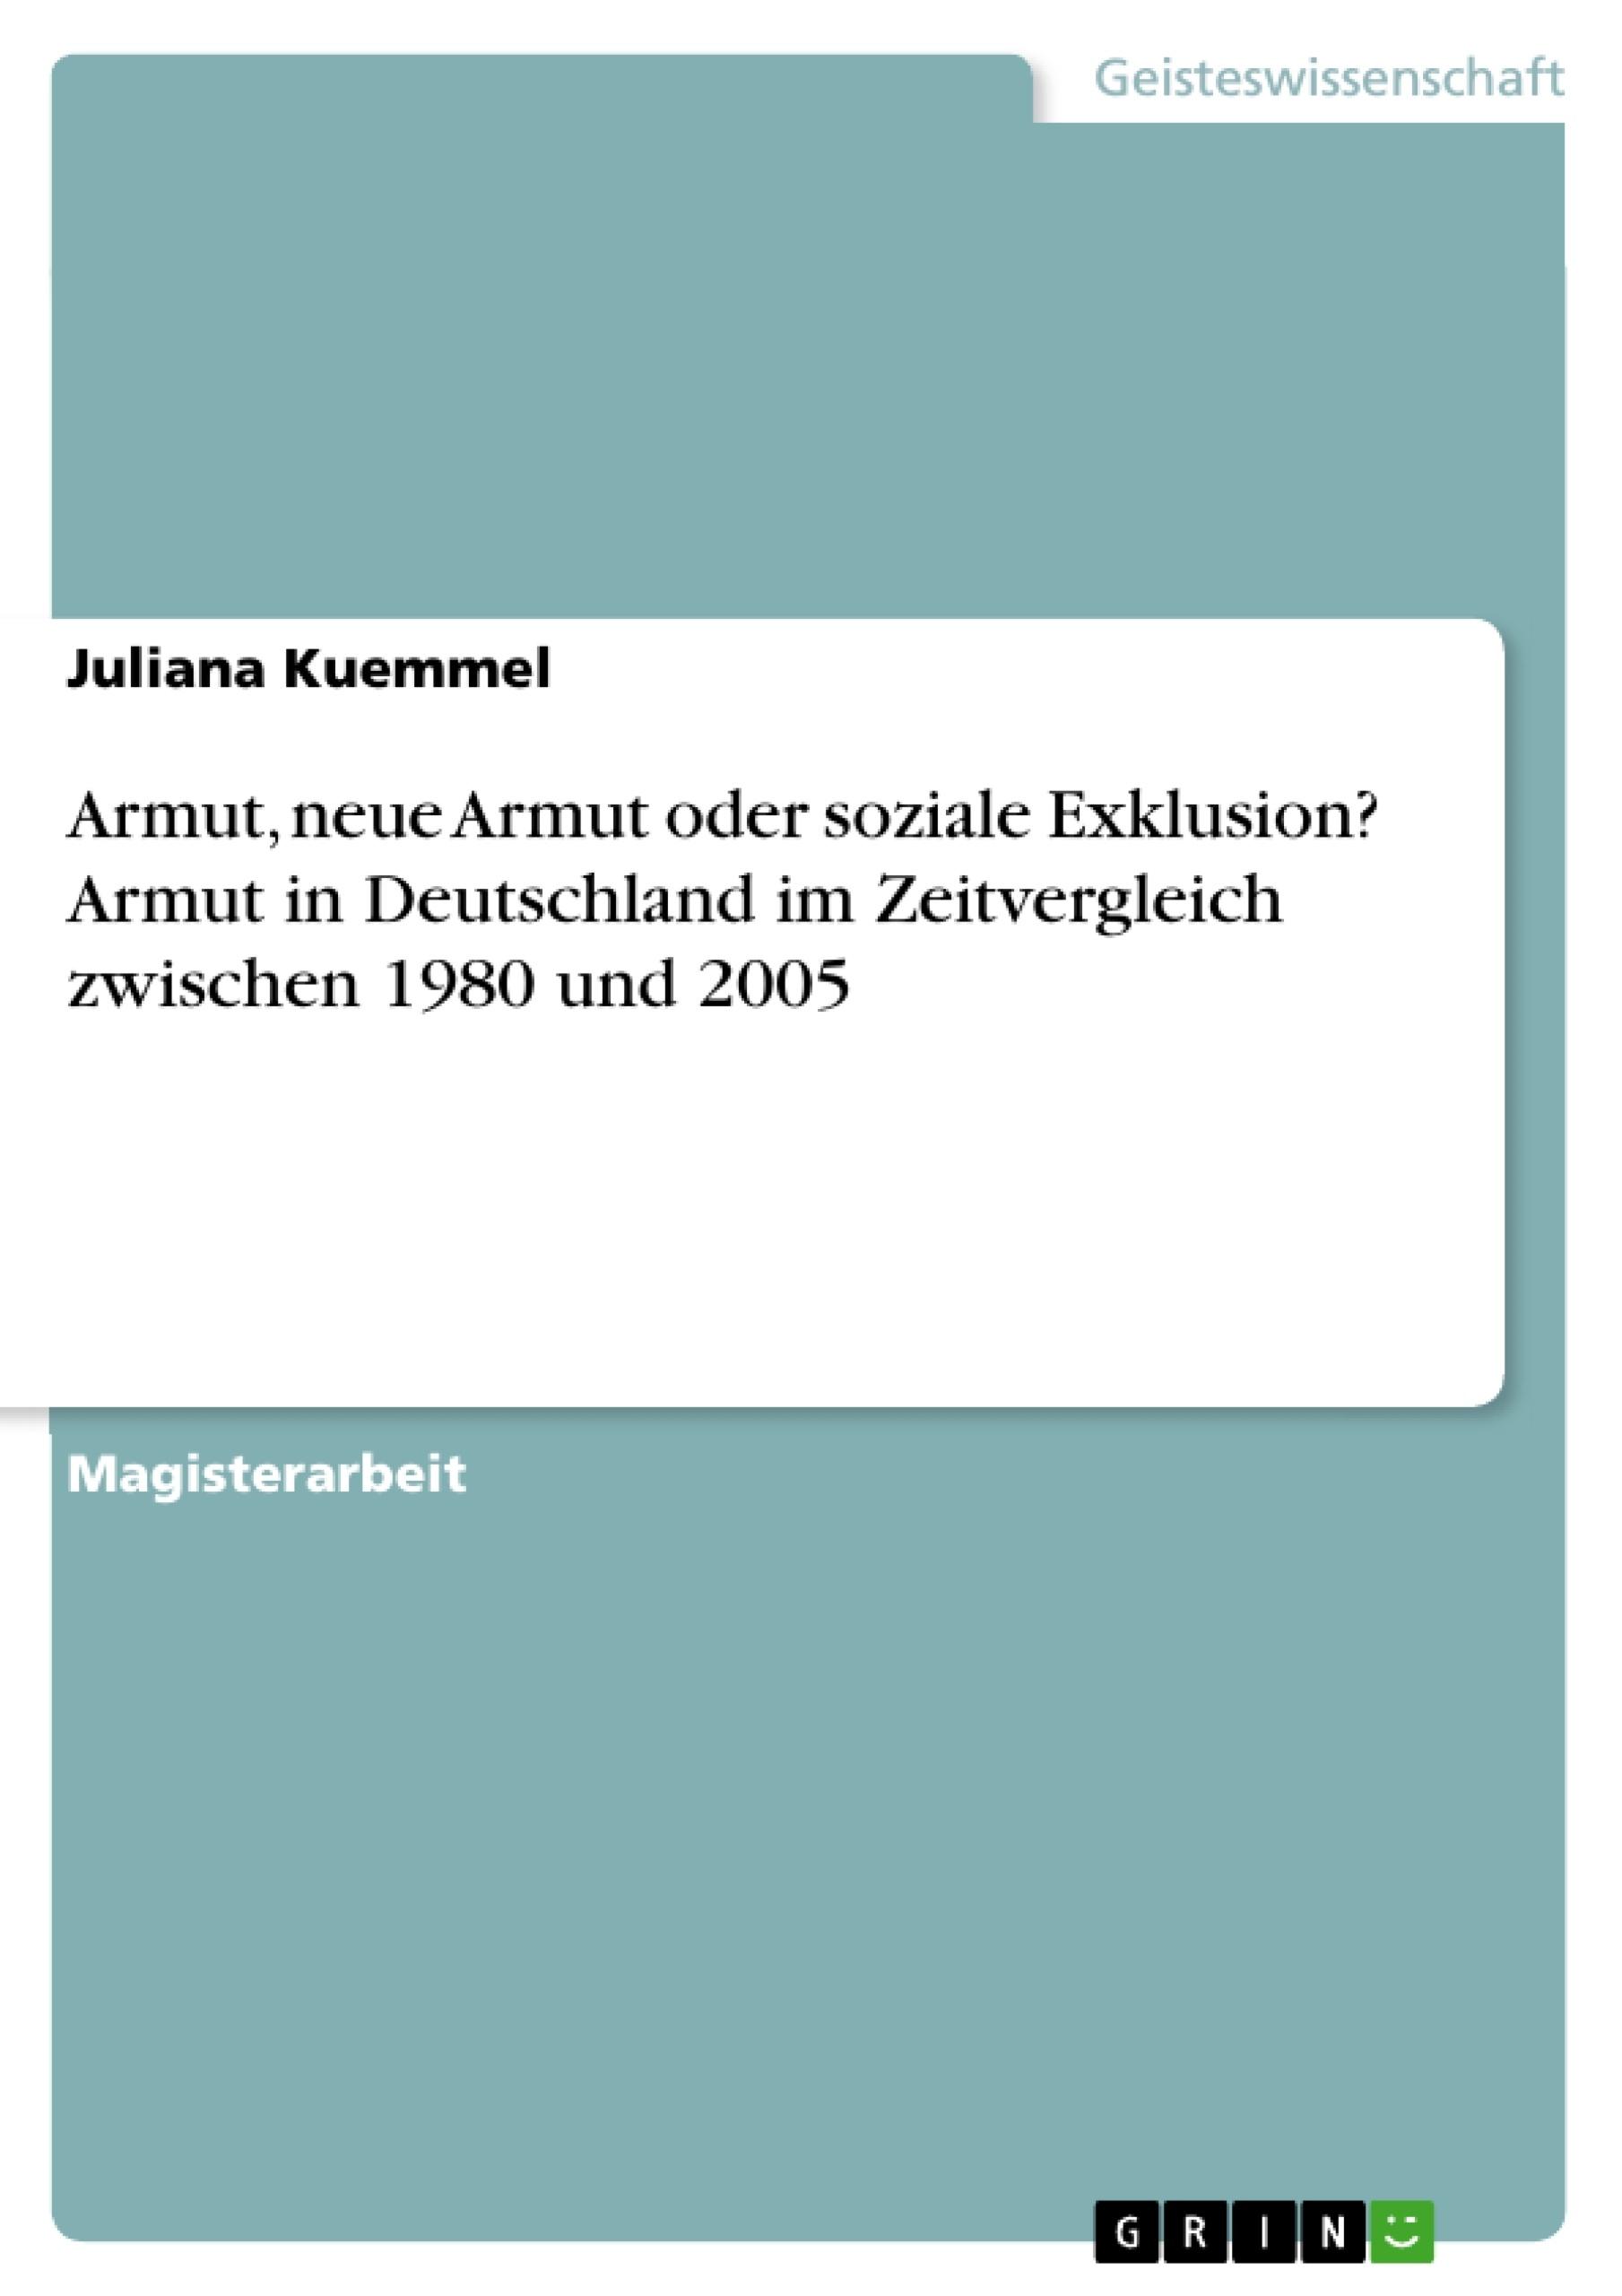 Titel: Armut, neue Armut oder soziale Exklusion? Armut in Deutschland im Zeitvergleich zwischen 1980 und 2005